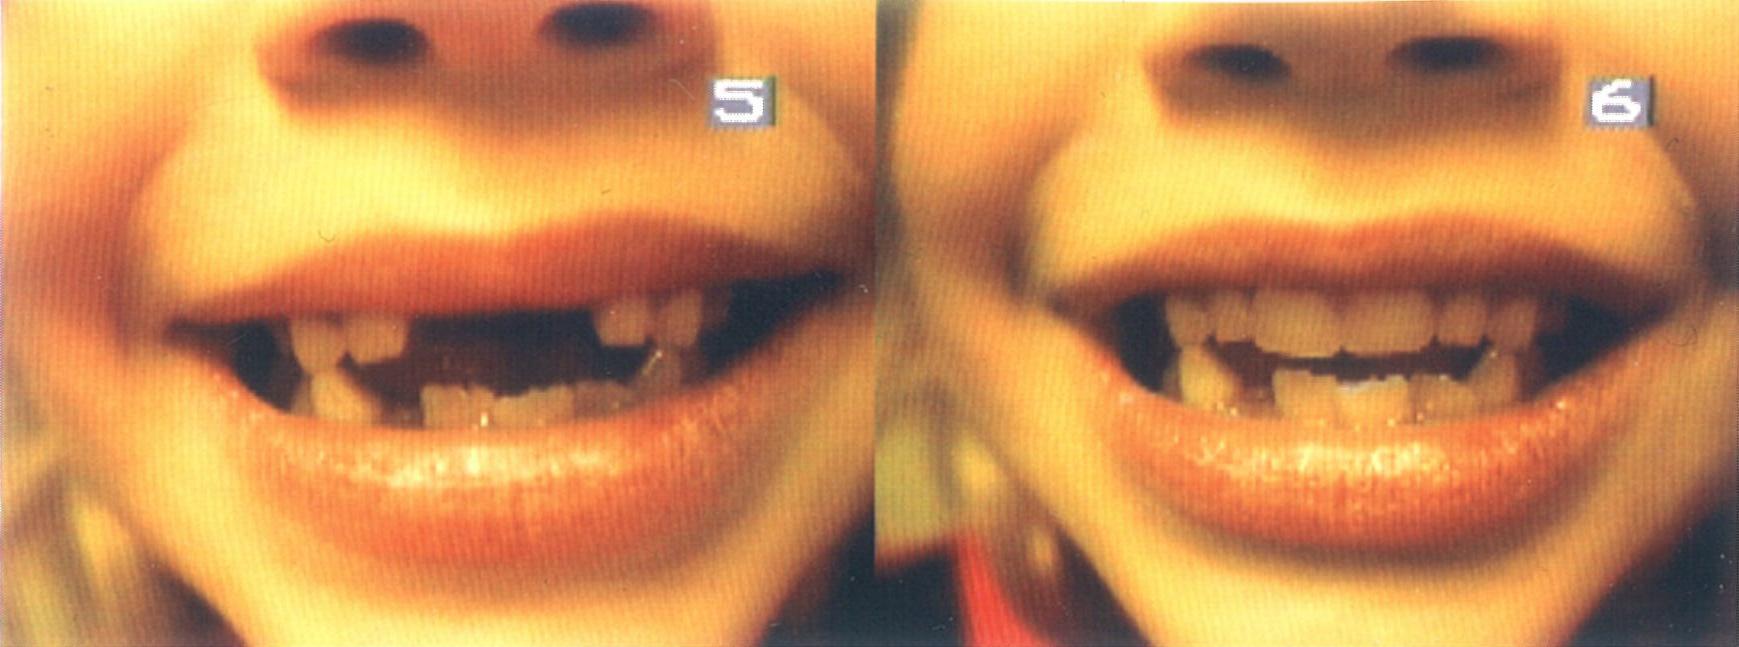 Before and After Pediatric Denture repair